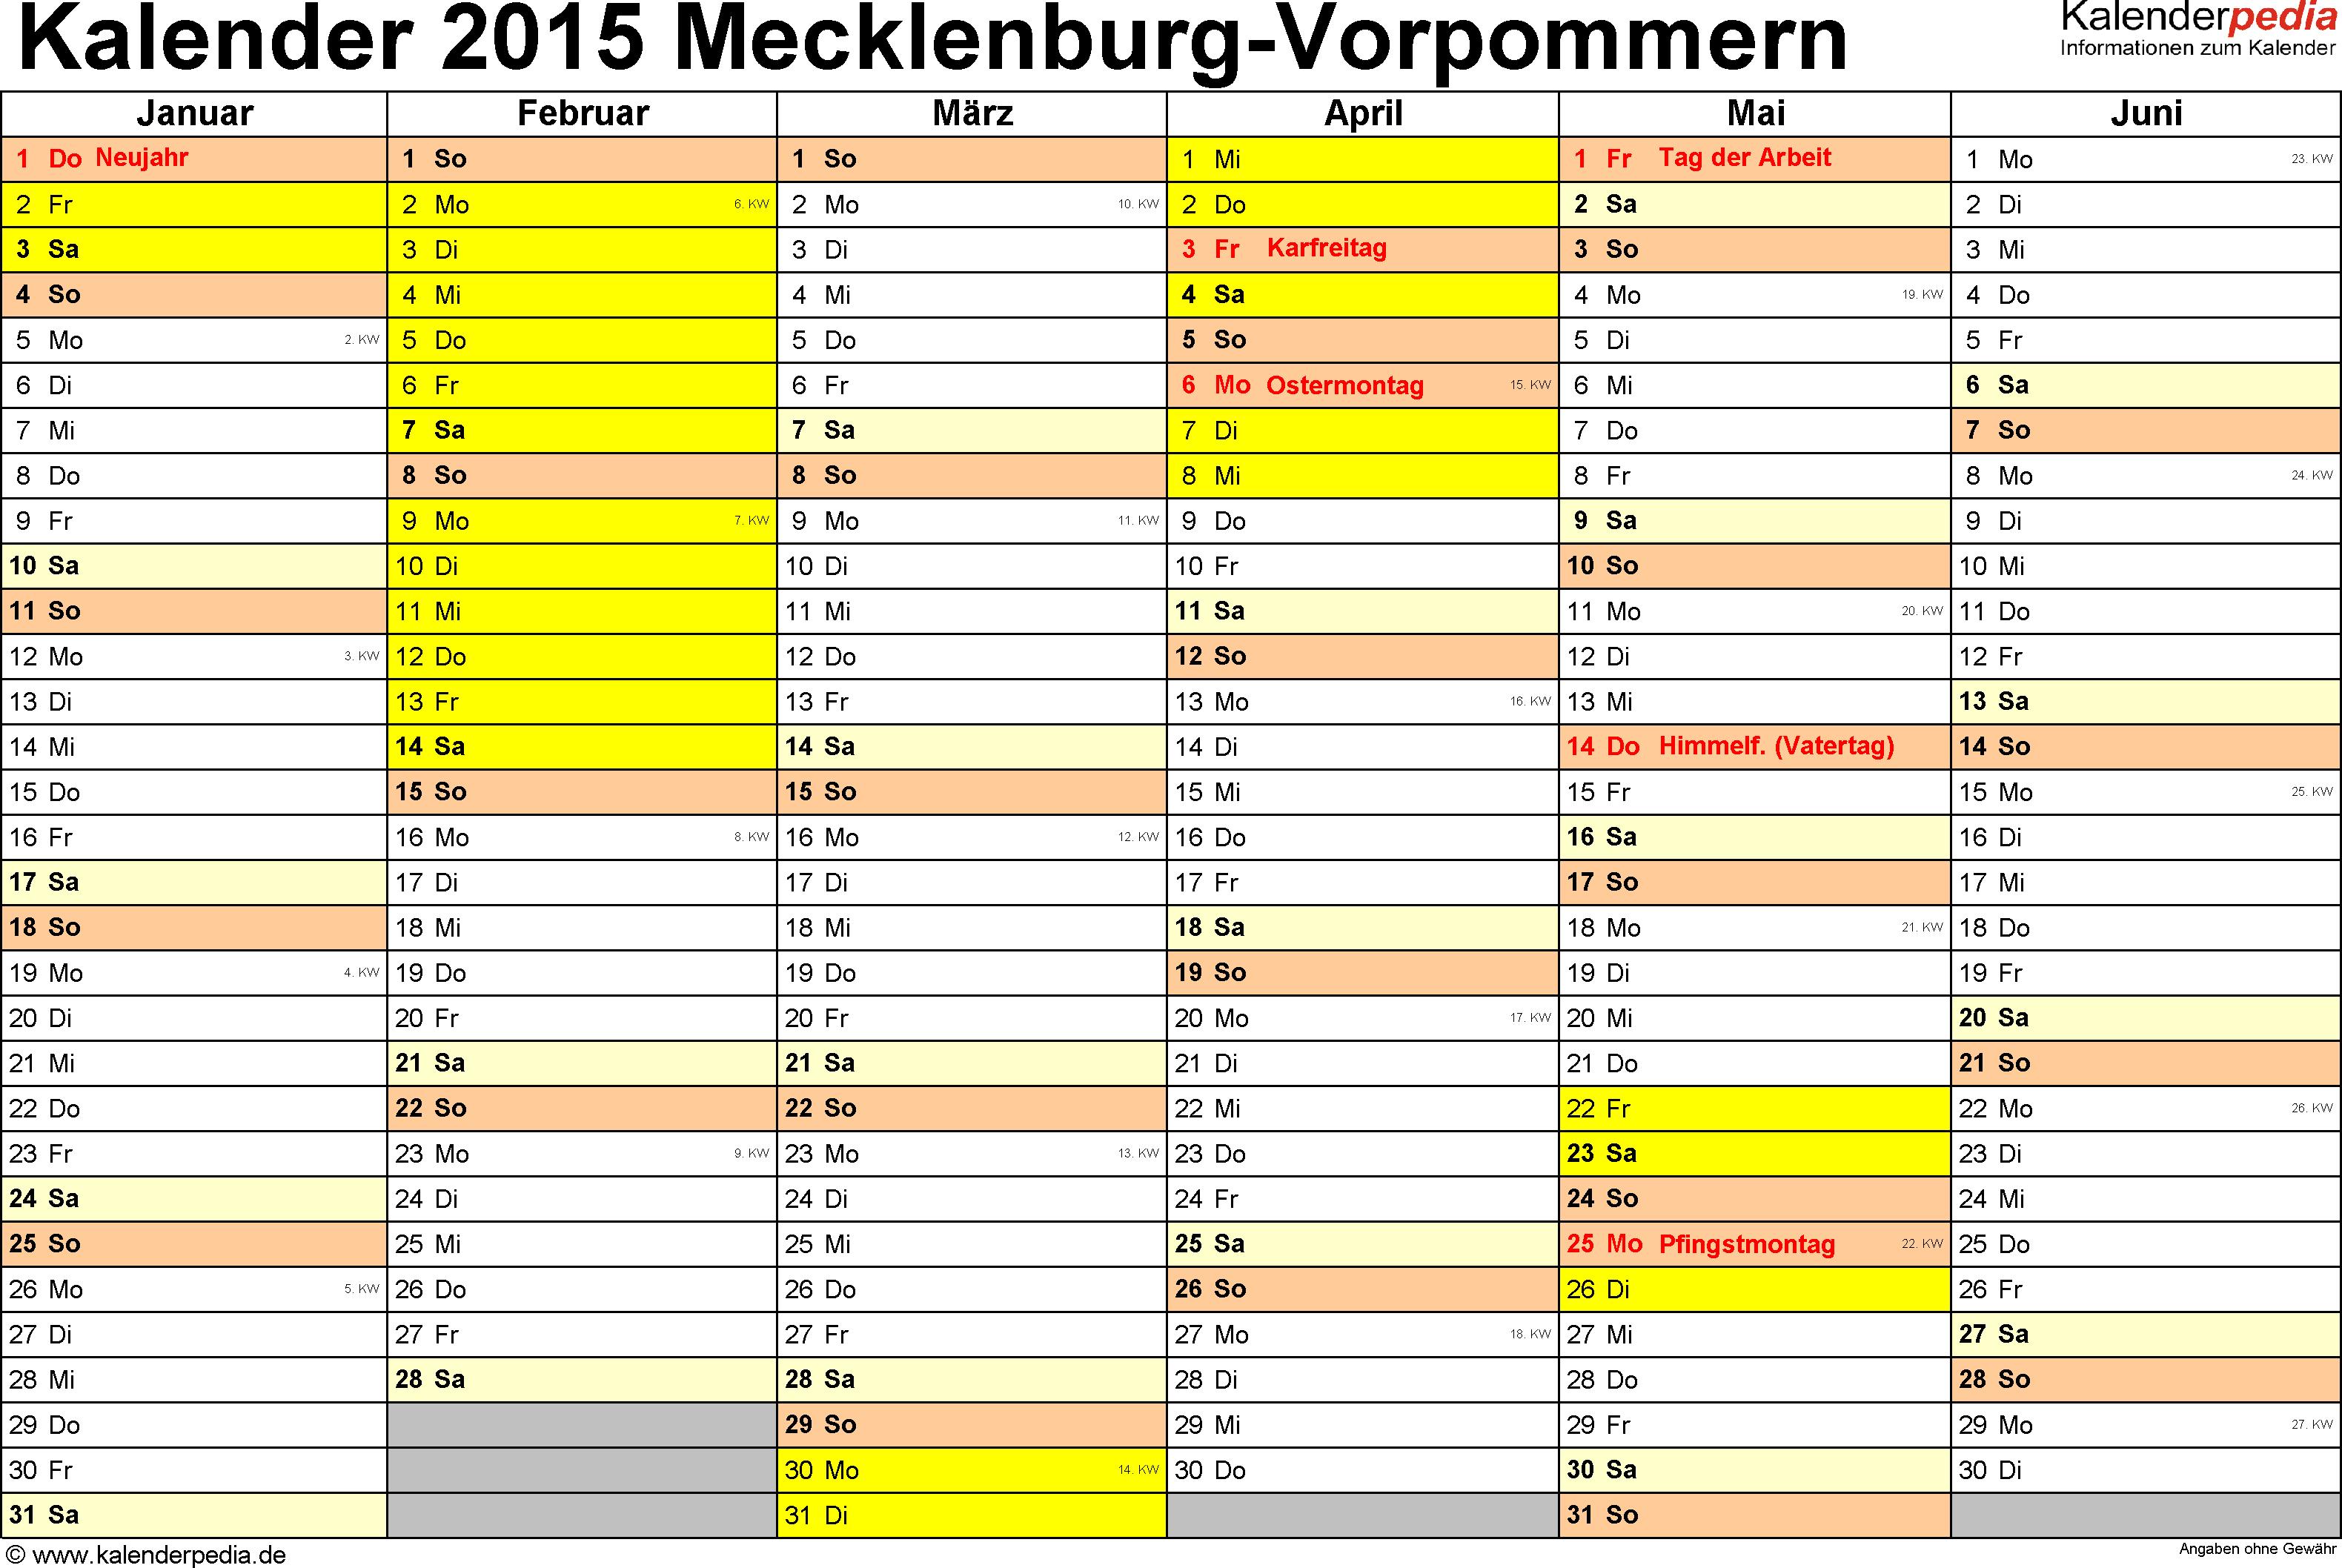 Vorlage 2: Kalender 2015 für Mecklenburg-Vorpommern als Word-Vorlage (Querformat, 2 Seiten)